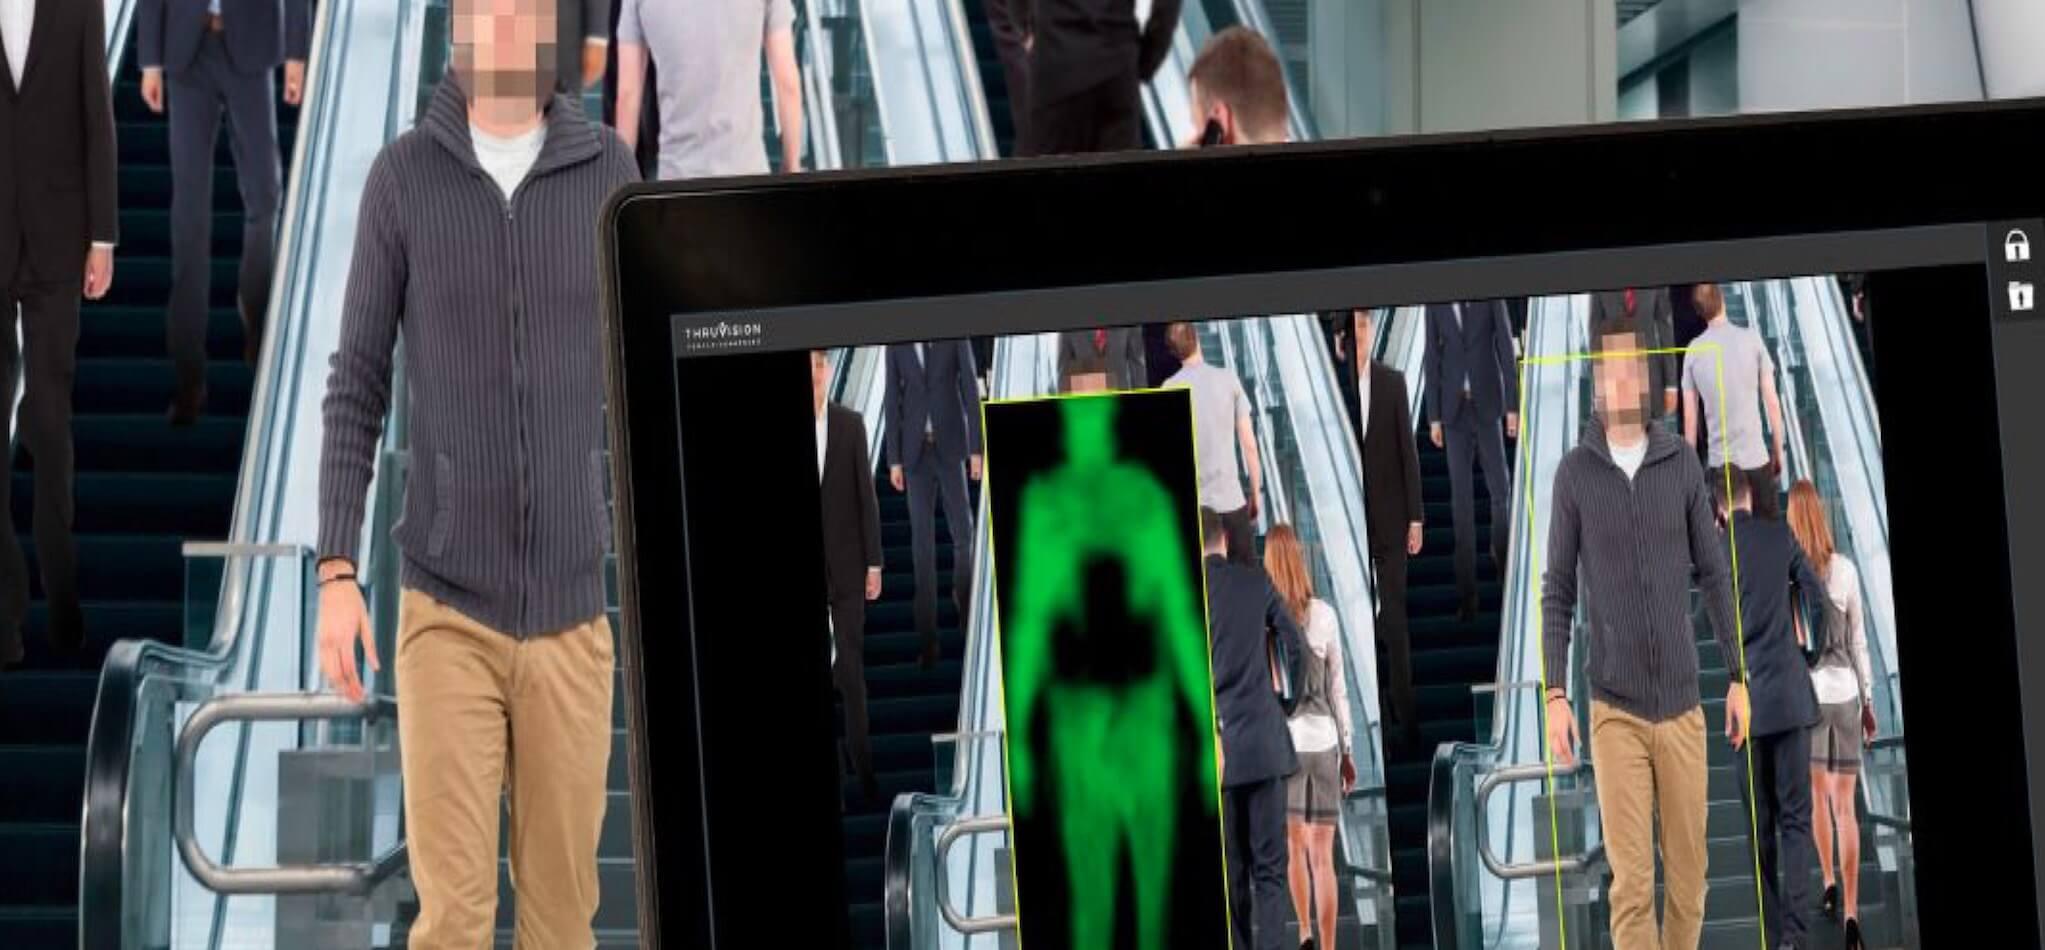 Увидеть все: сканирование пассажиров в метро США